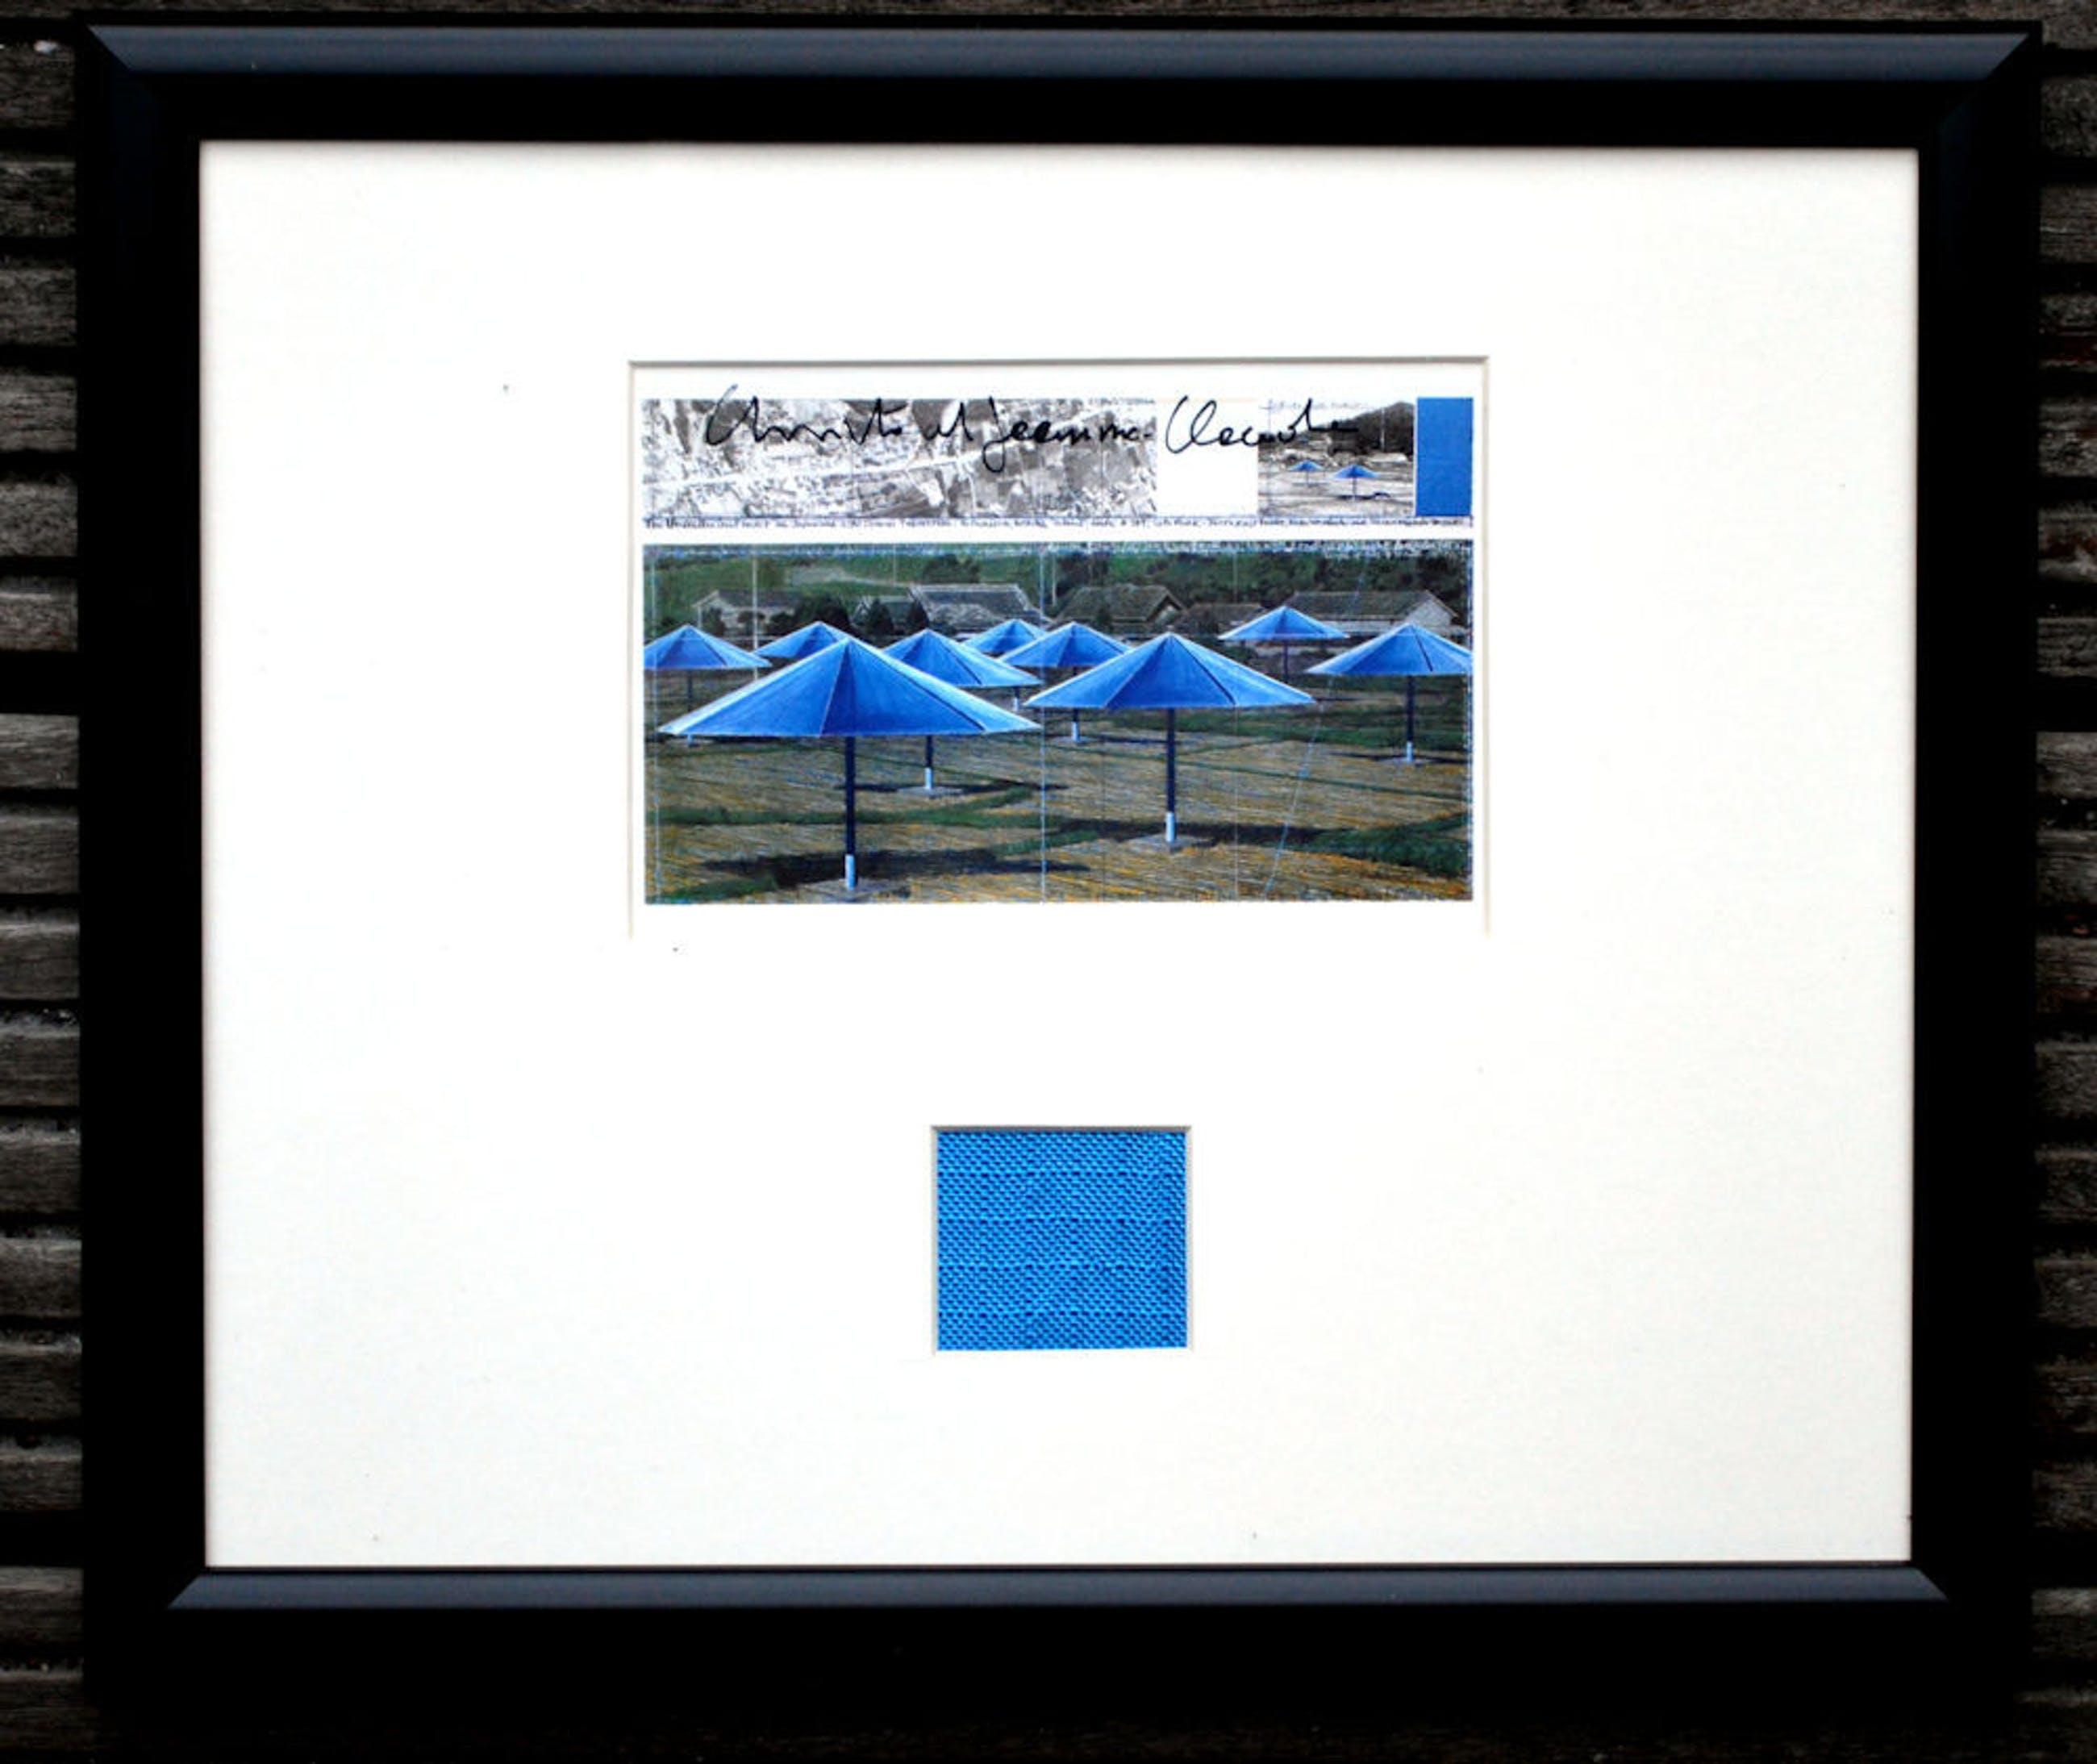 Christo - Umbrellas Japan, collage handgesigneerd kopen? Bied vanaf 80!